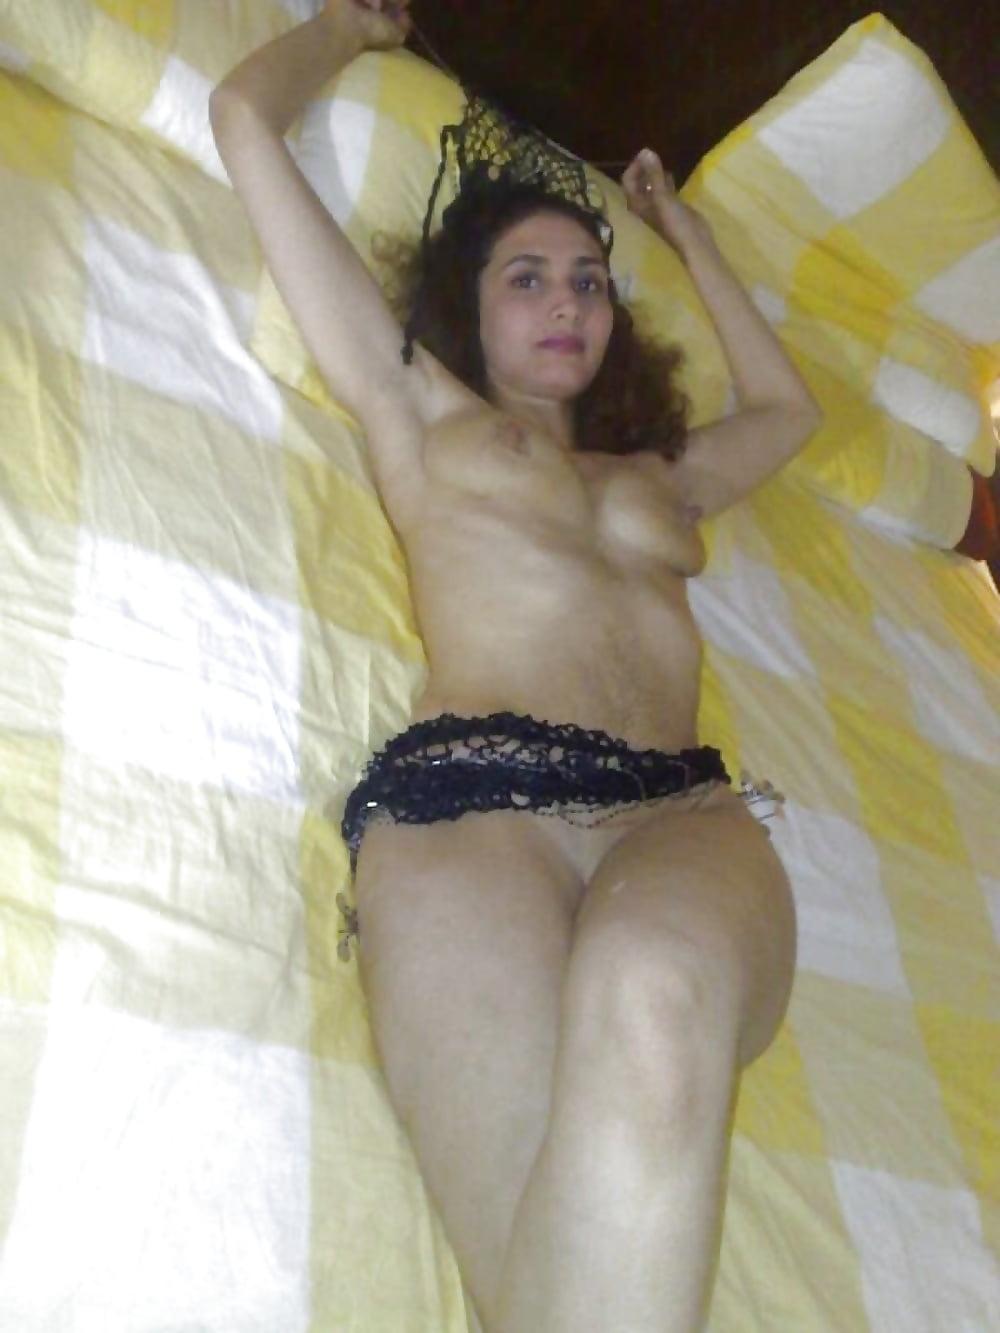 sexy-turkish-girl-pic-girls